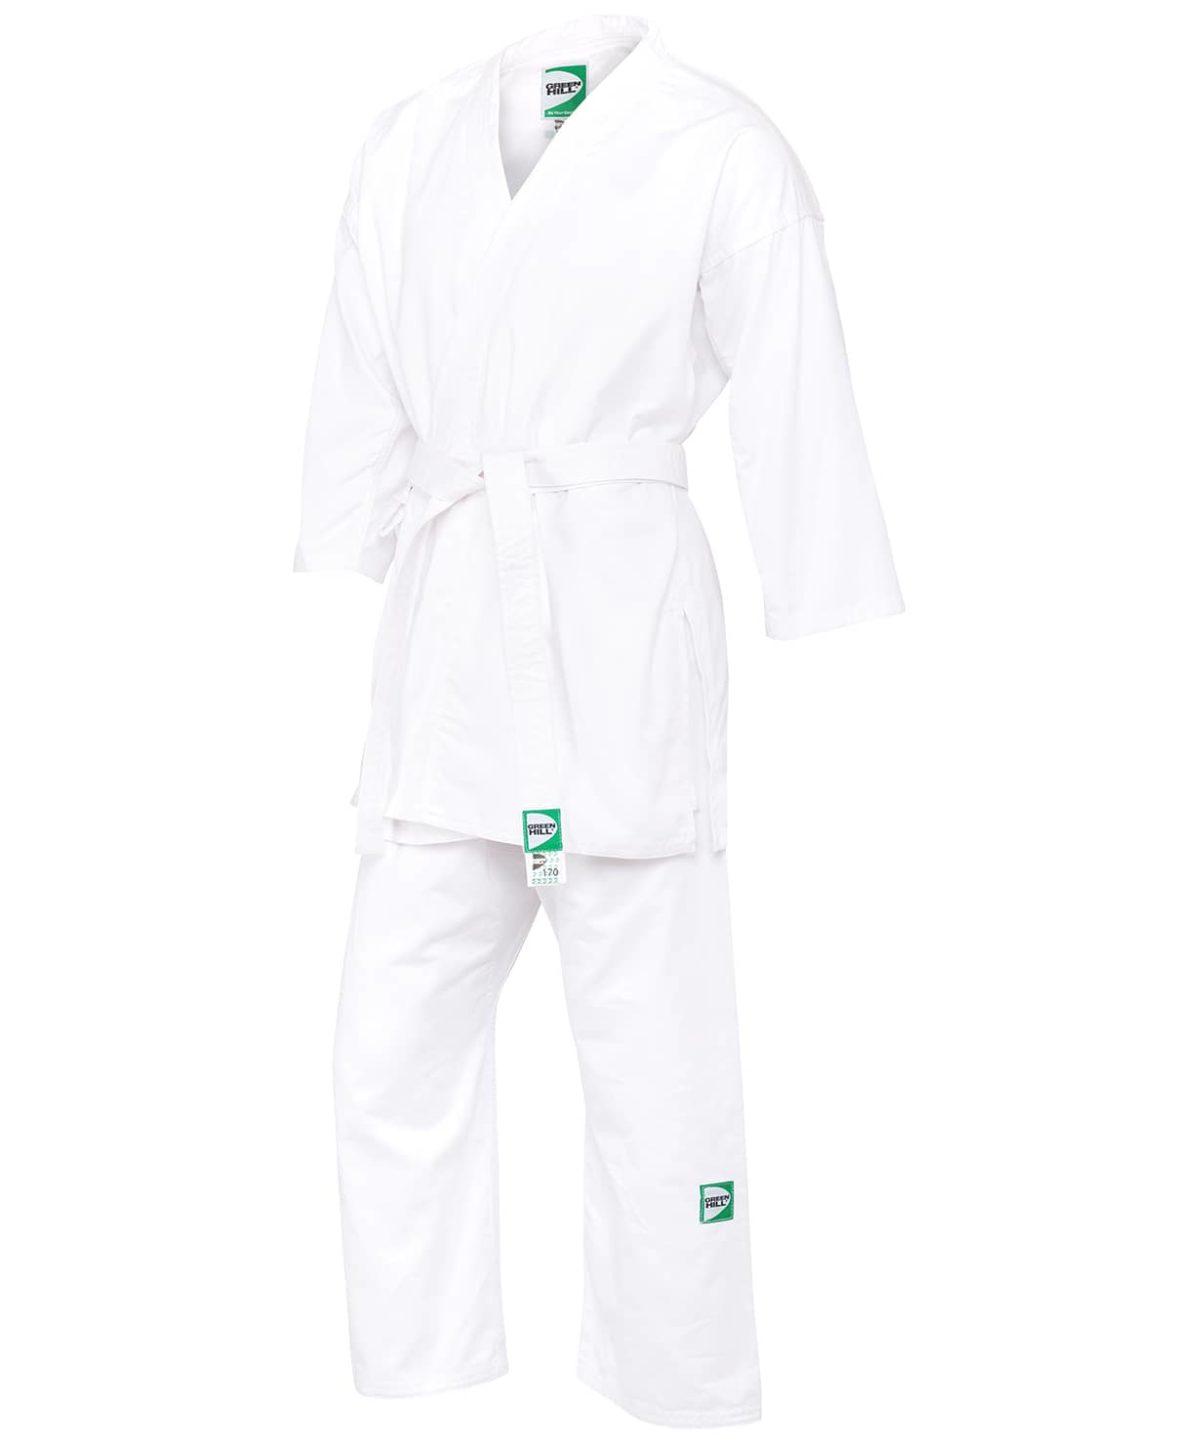 GREEN HILL Start Кимоно для карате 00/130  KSST-10354 - 1